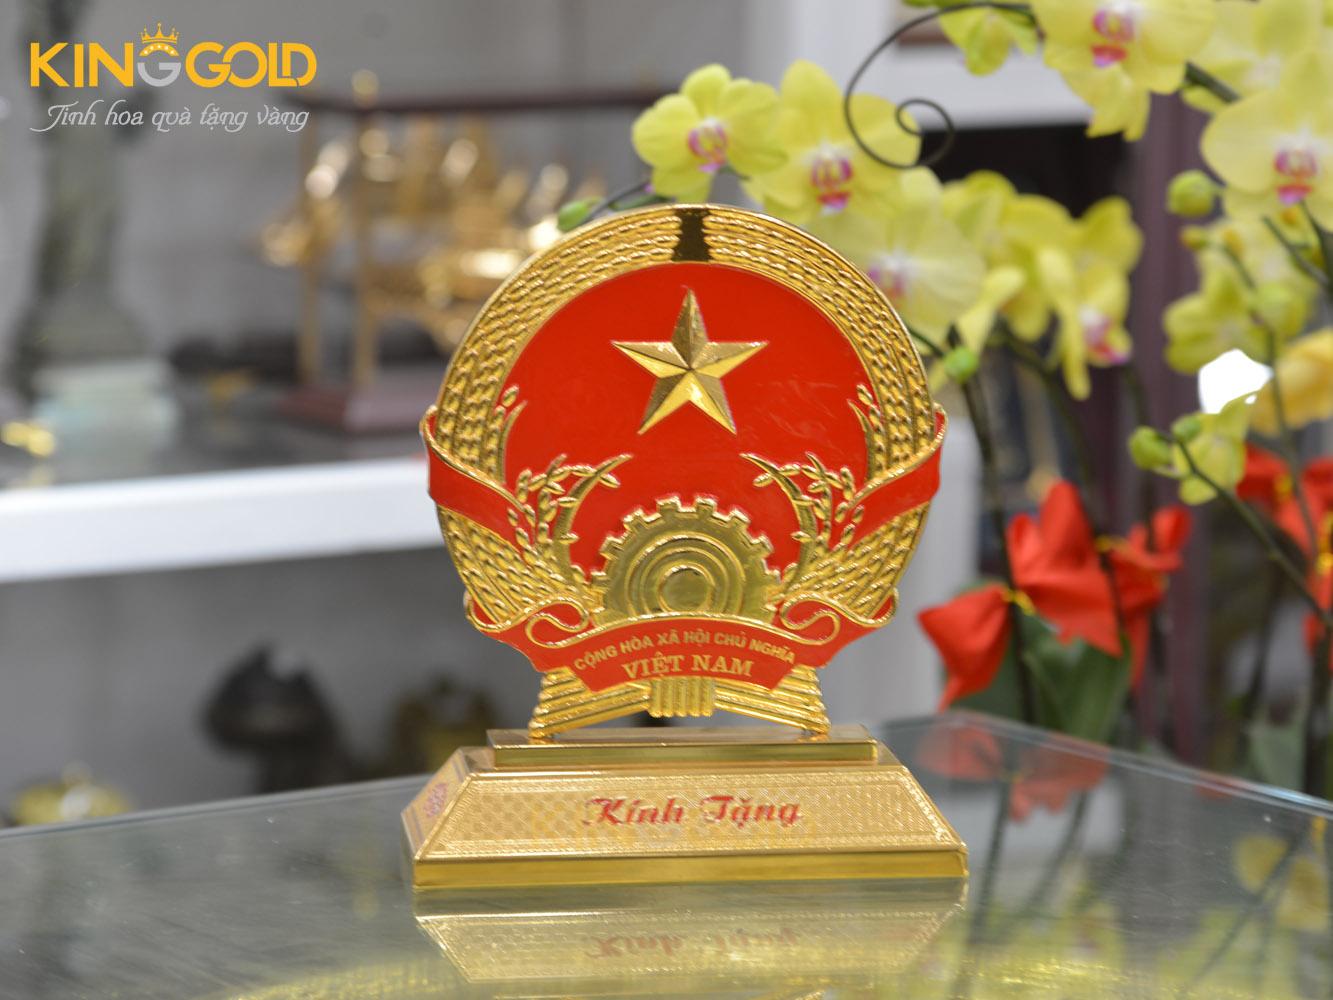 Quốc huy Việt Nam bằng đồng cỡ nhỏ để bàn0